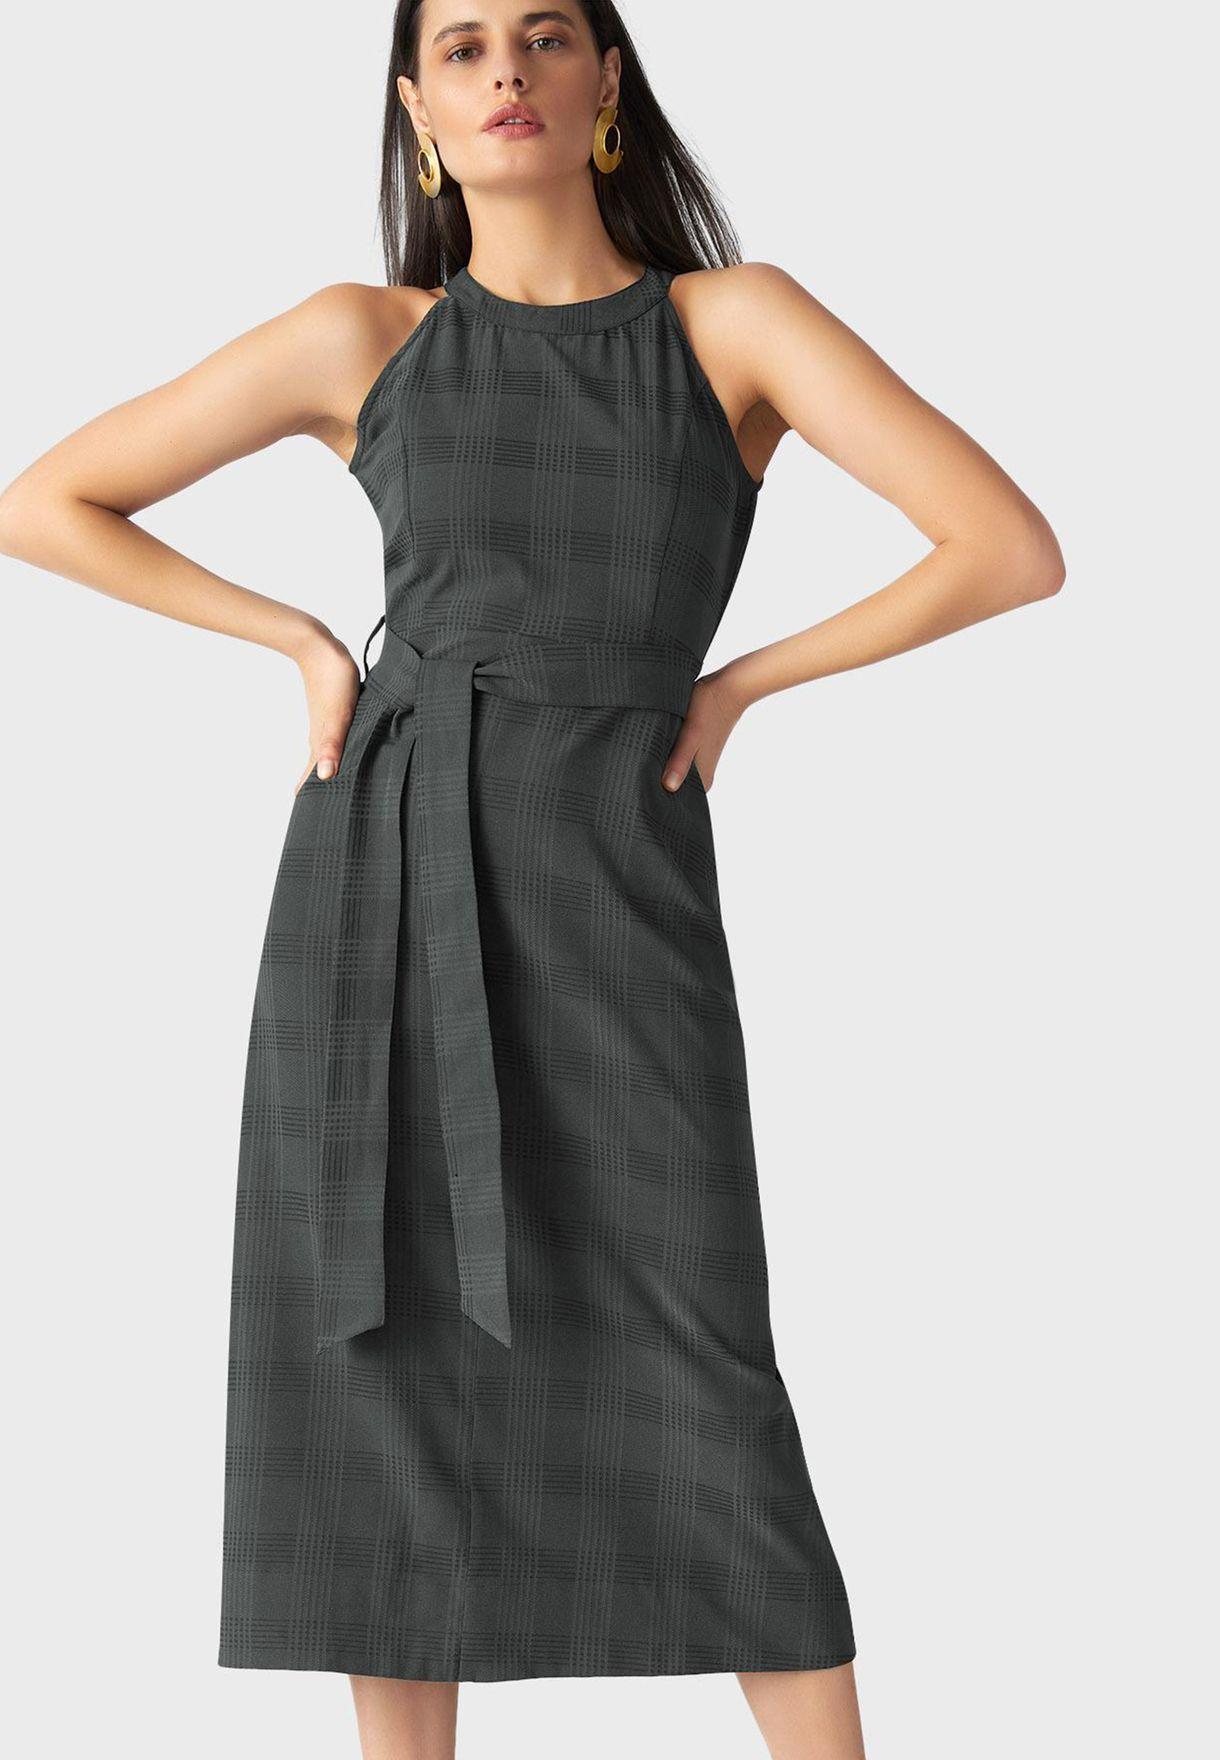 High Neck Tie Waist Checked Dress